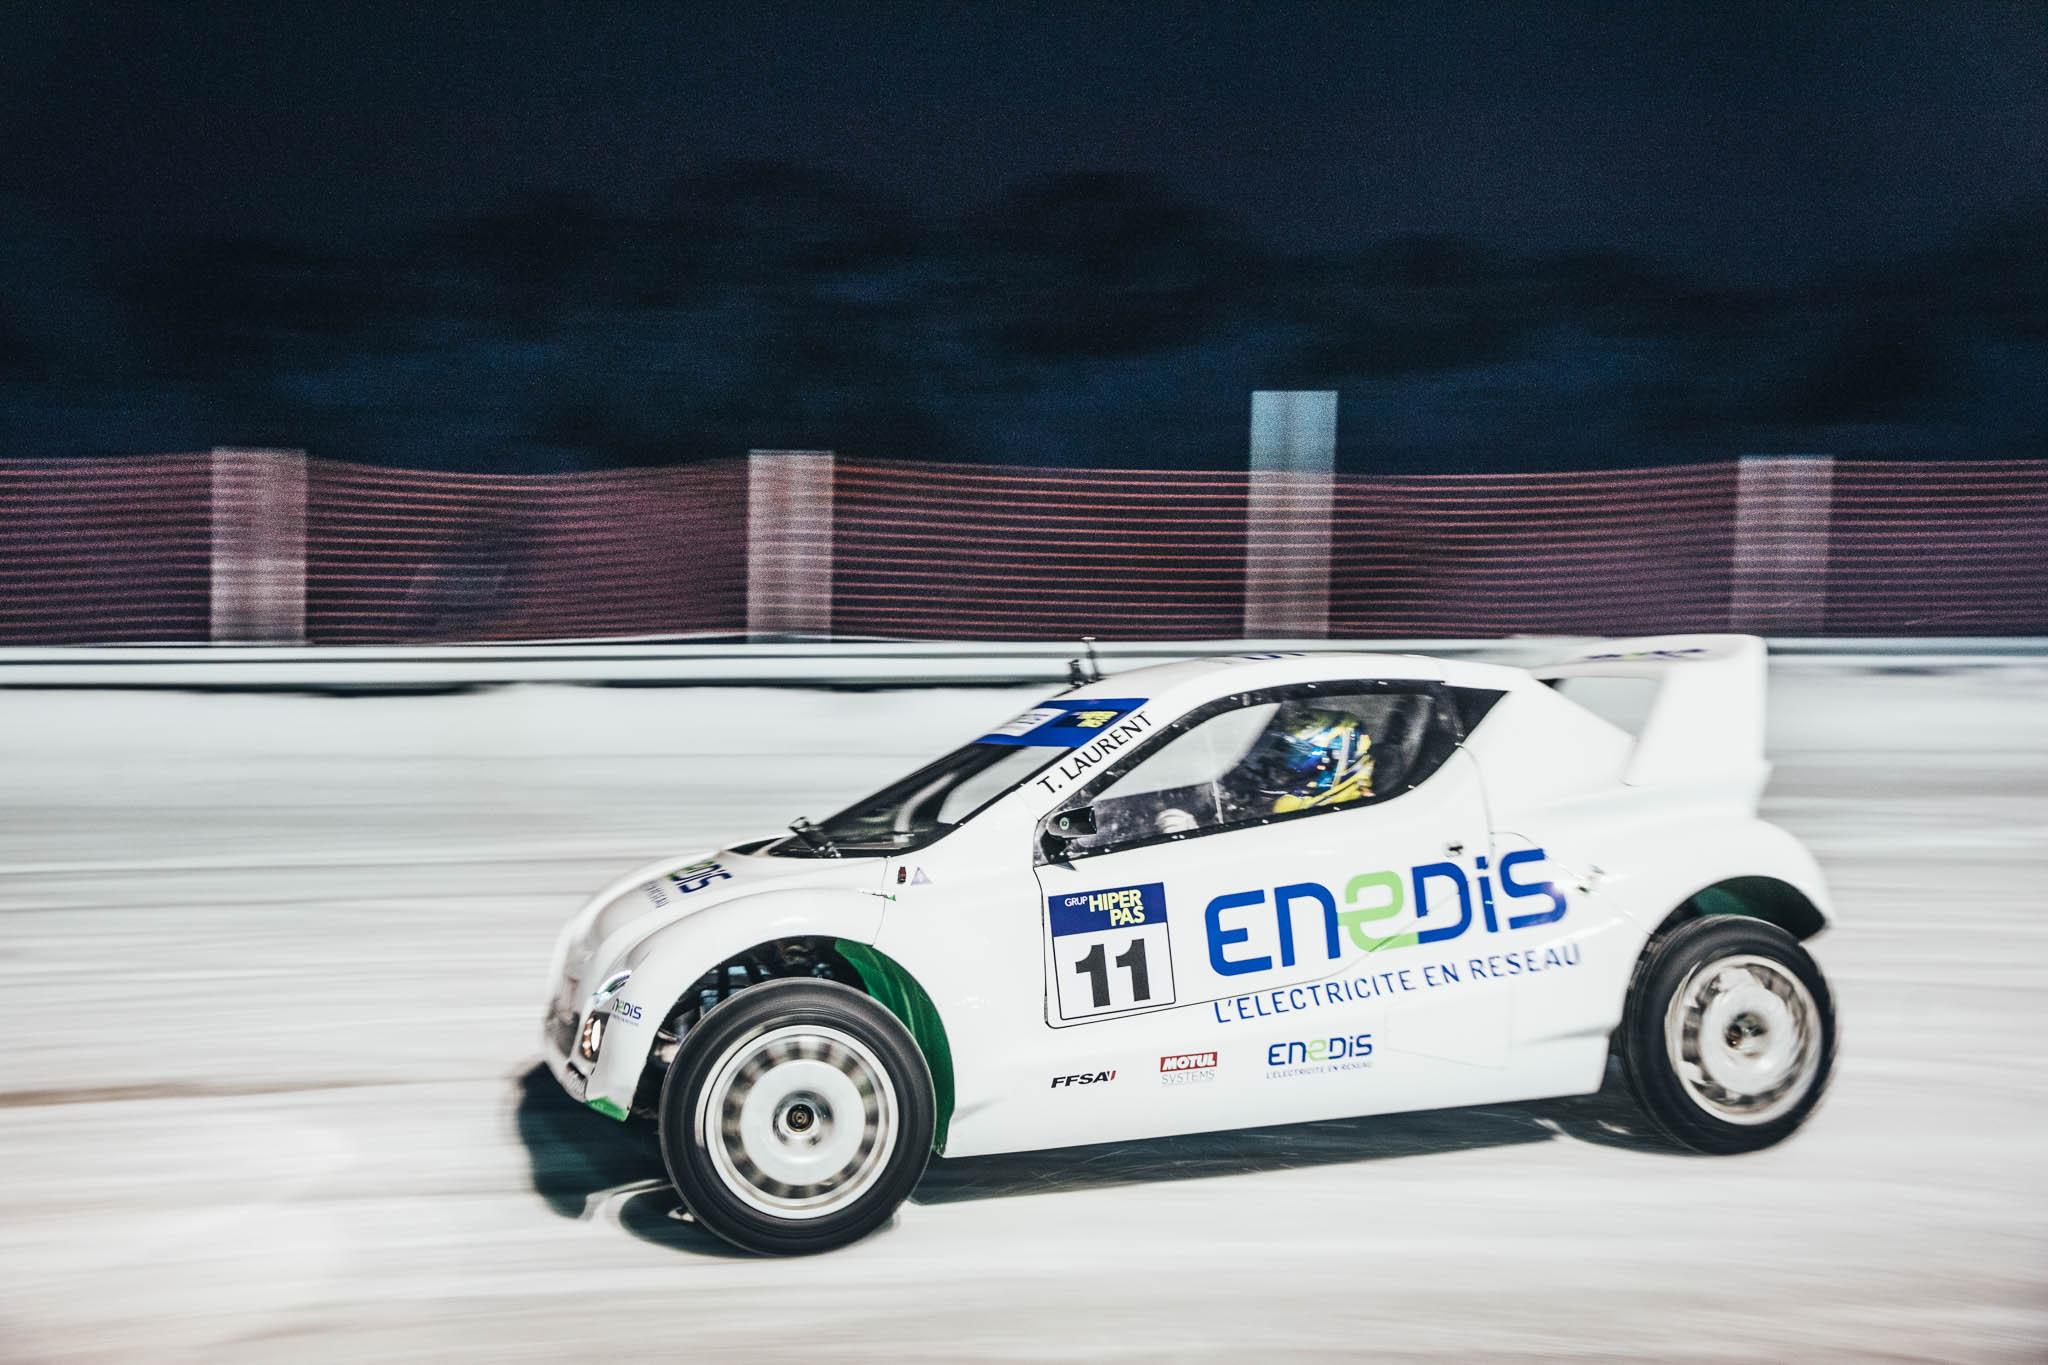 Pour Thomas Laurent, la course sur glace ressemble un peu à une danse.